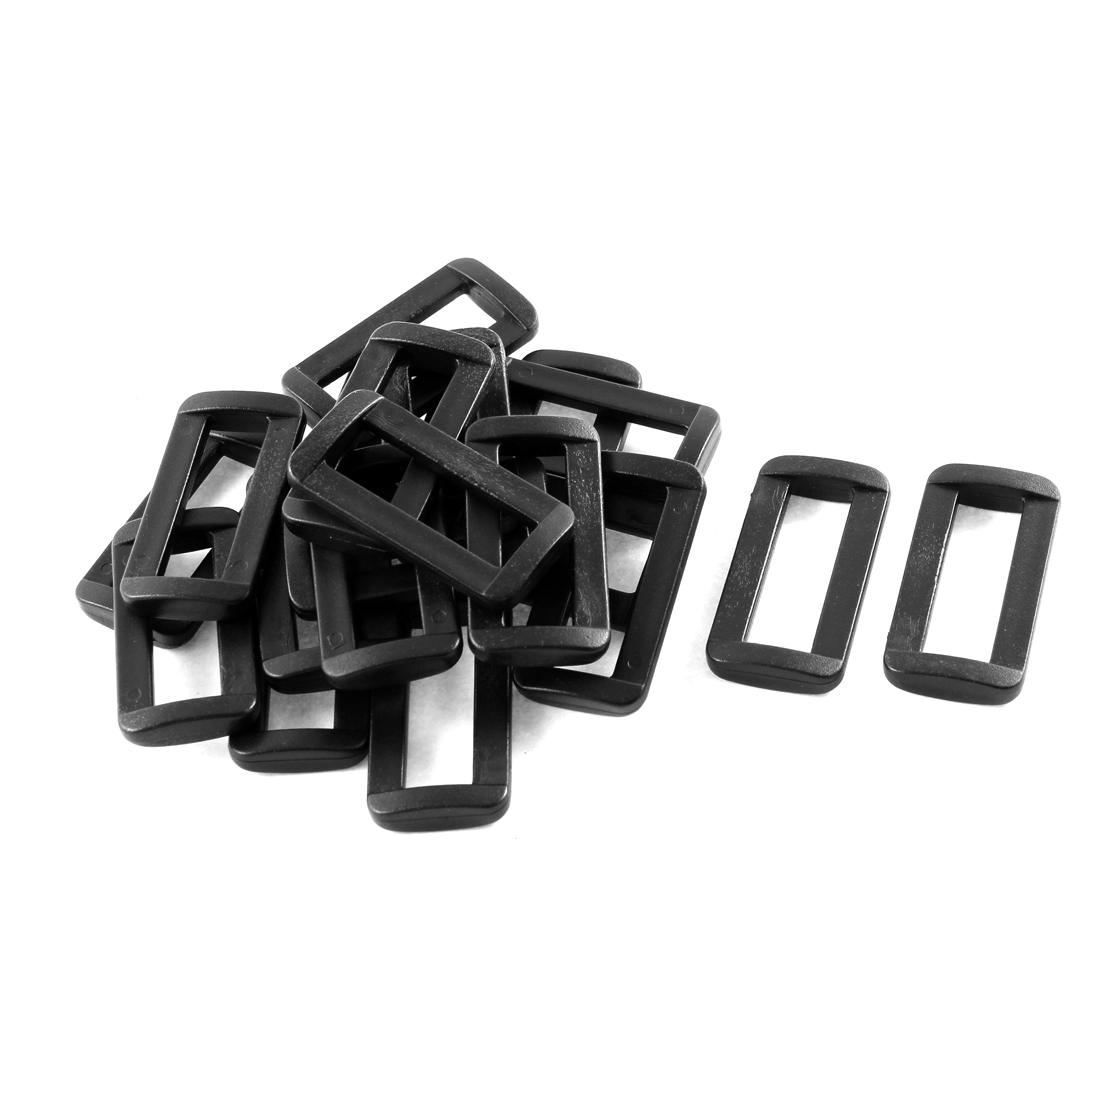 20pcs Black Plastic Bar Slides Buckles for 3.2cm Webbing Strap